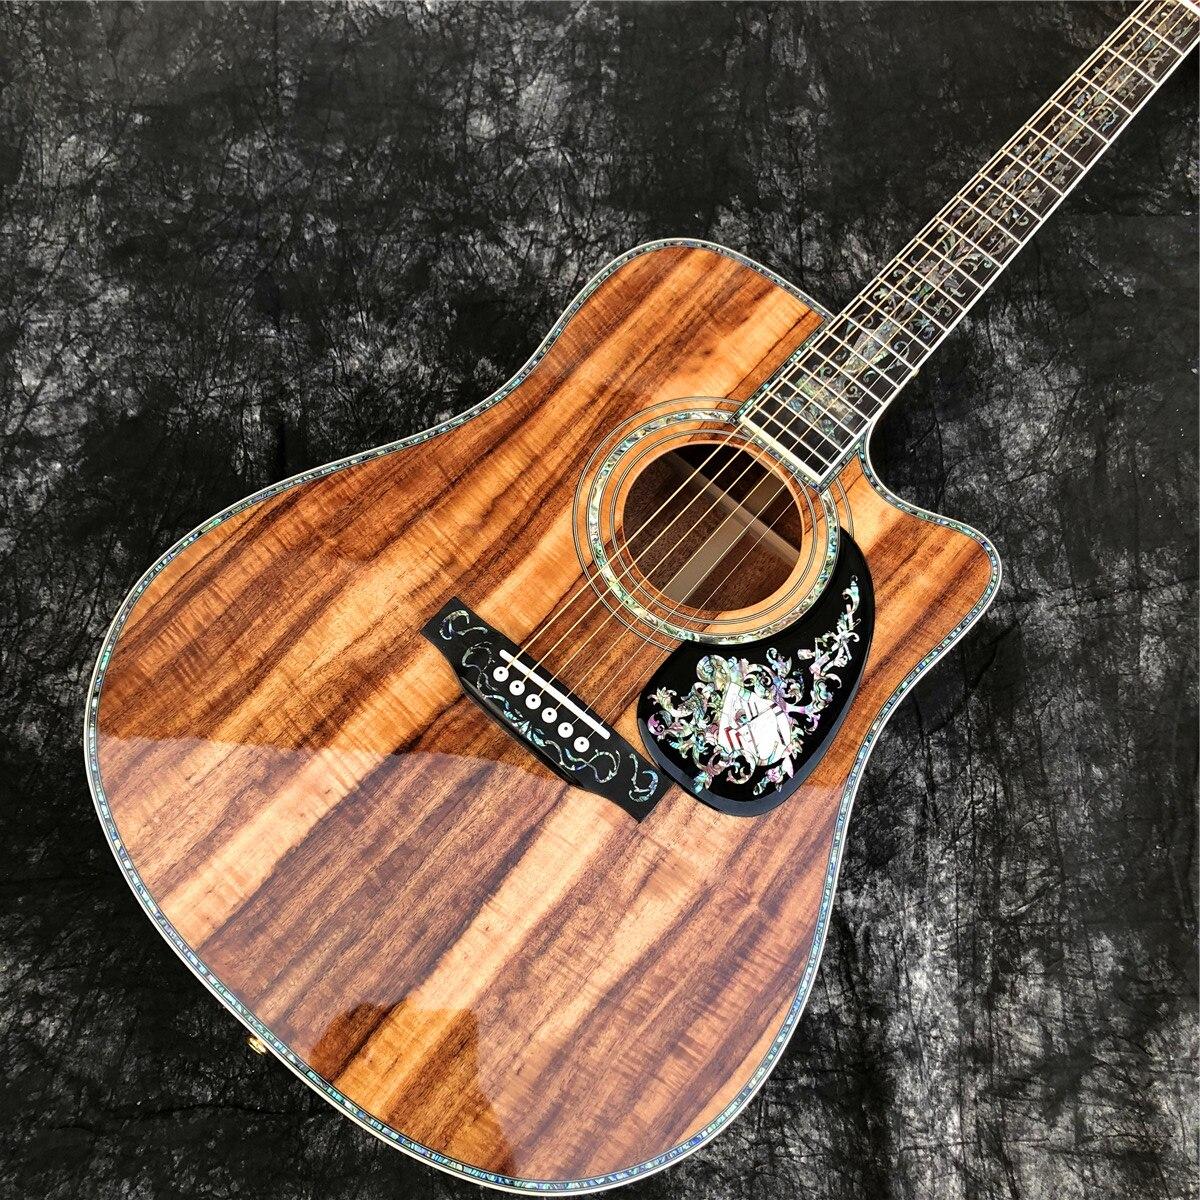 Cutaway 41 Inch D Stijl Koa Hout Akoestische Gitaar Alalone Ebbenhouten Toets Professionele Effen Guitarra